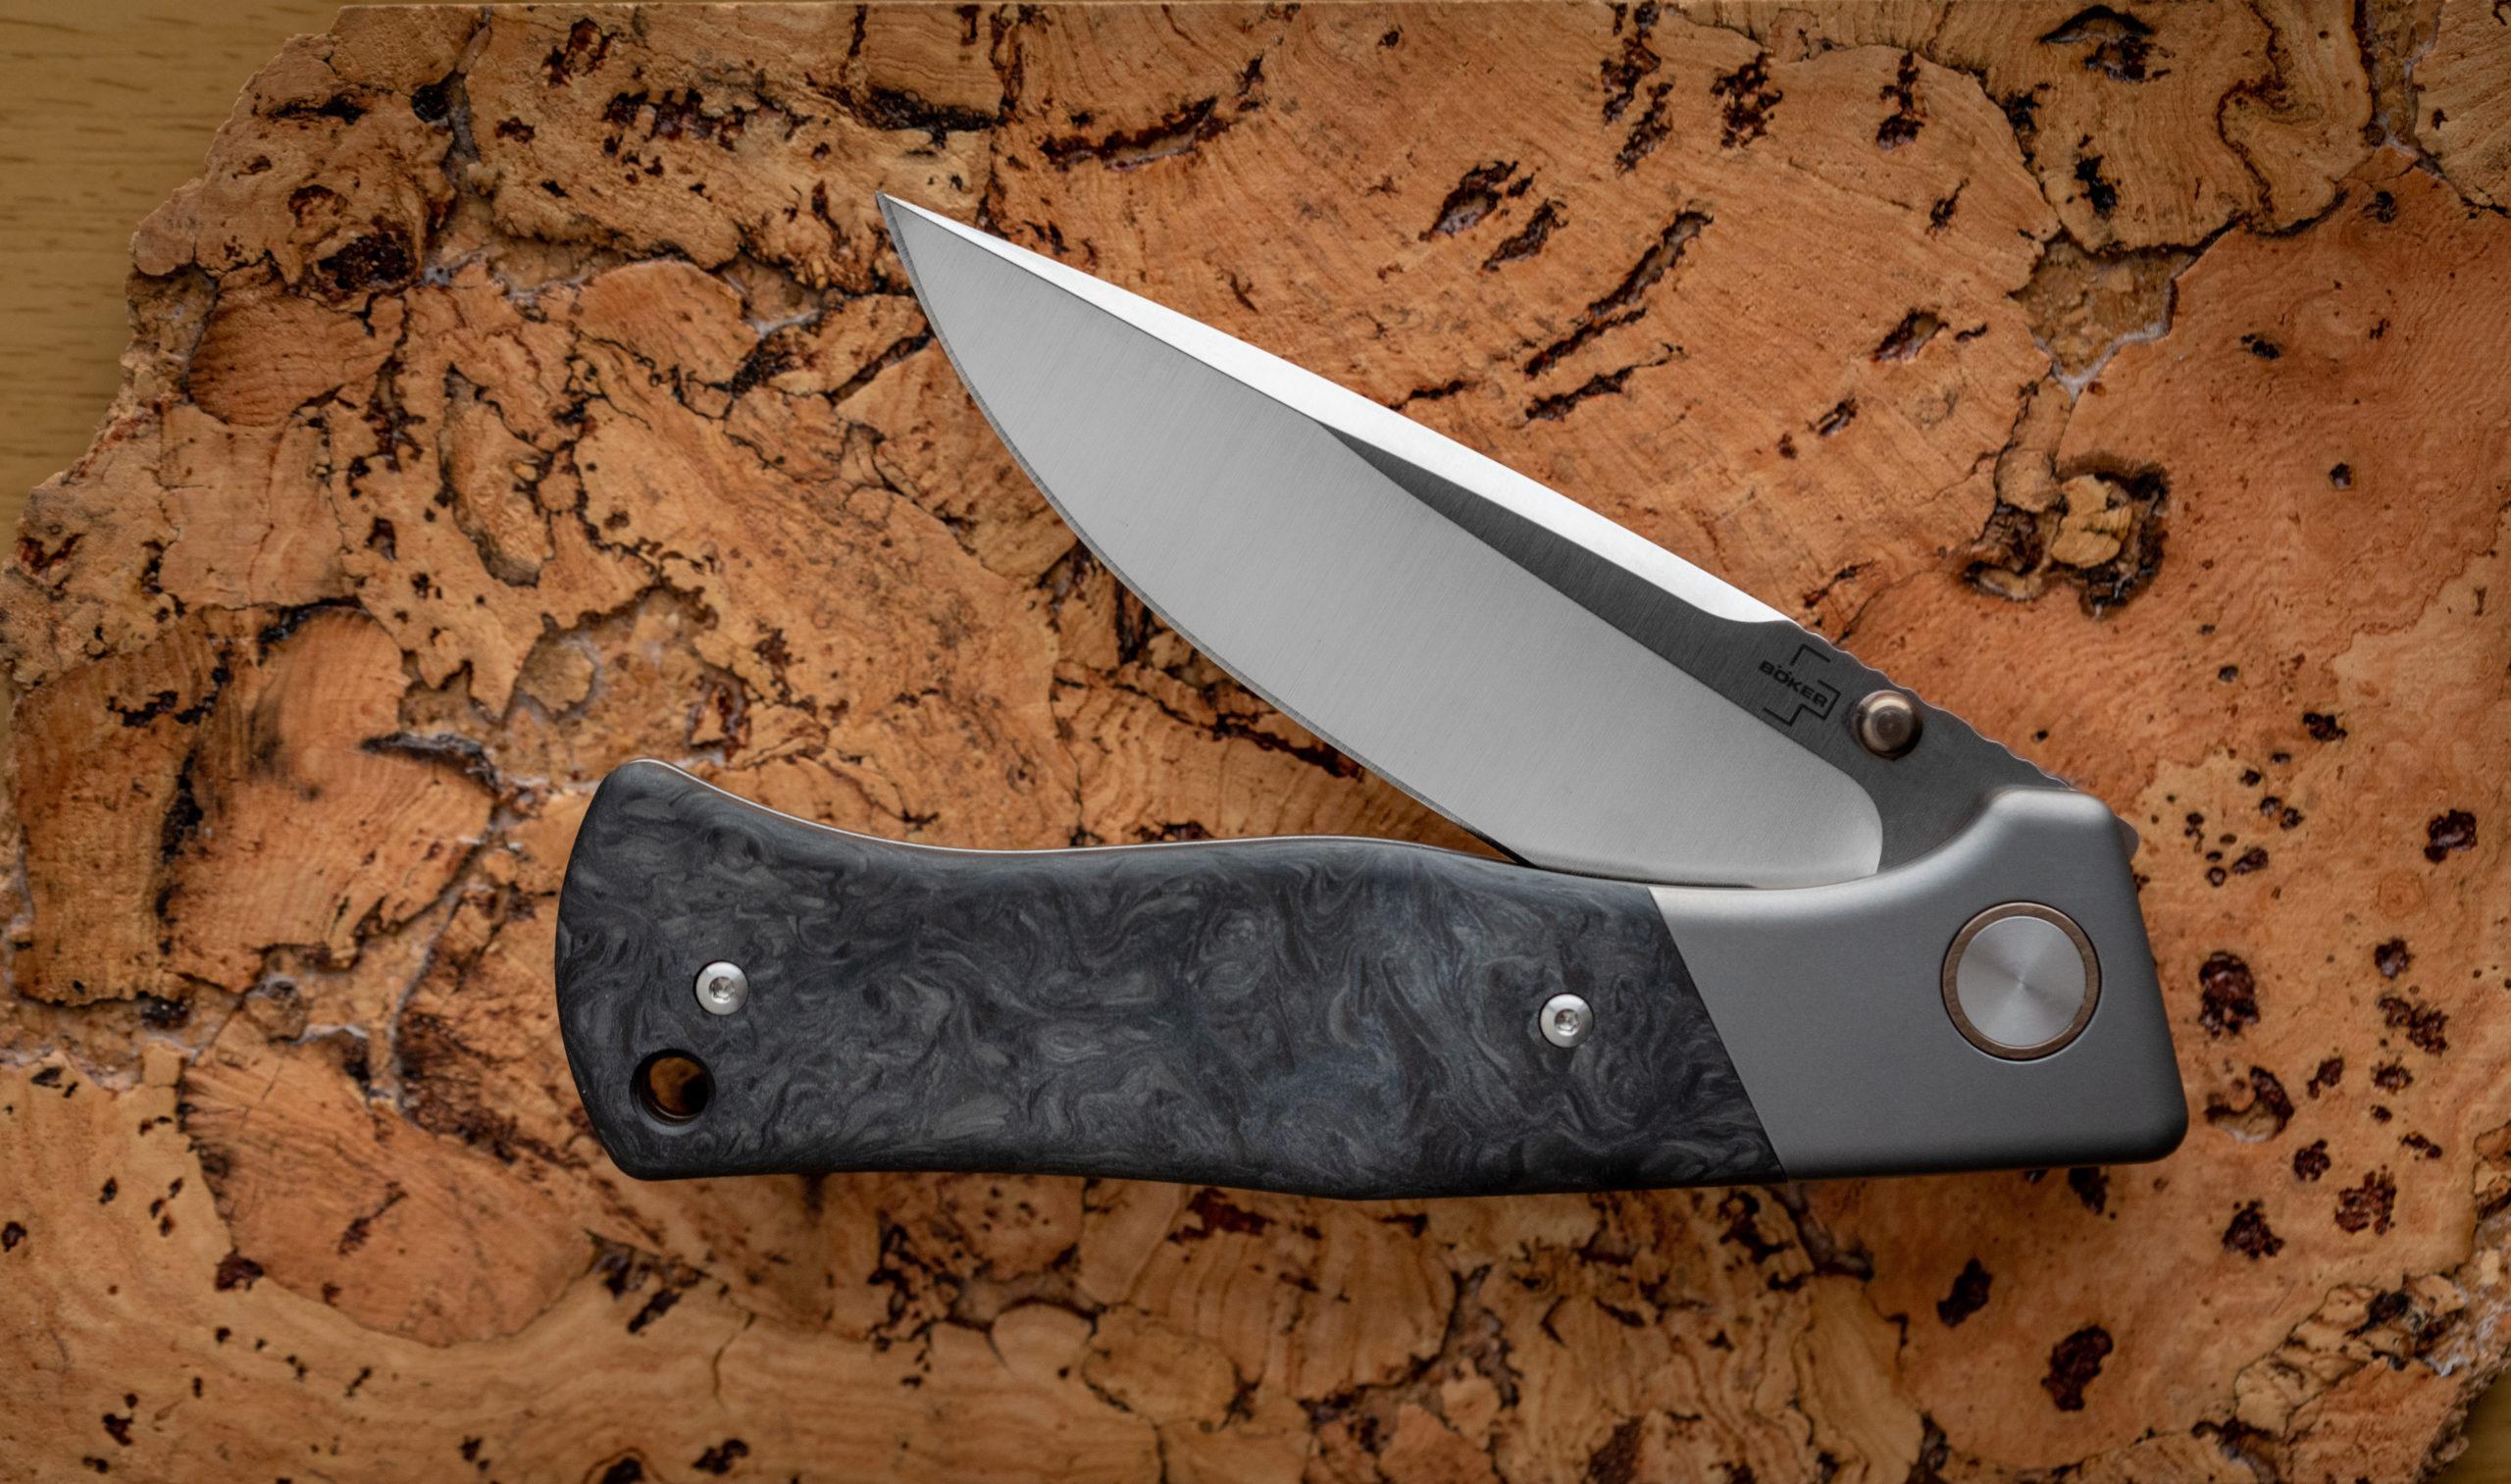 Rodzaje blokad w nożach. Jaka jest najlepsza?